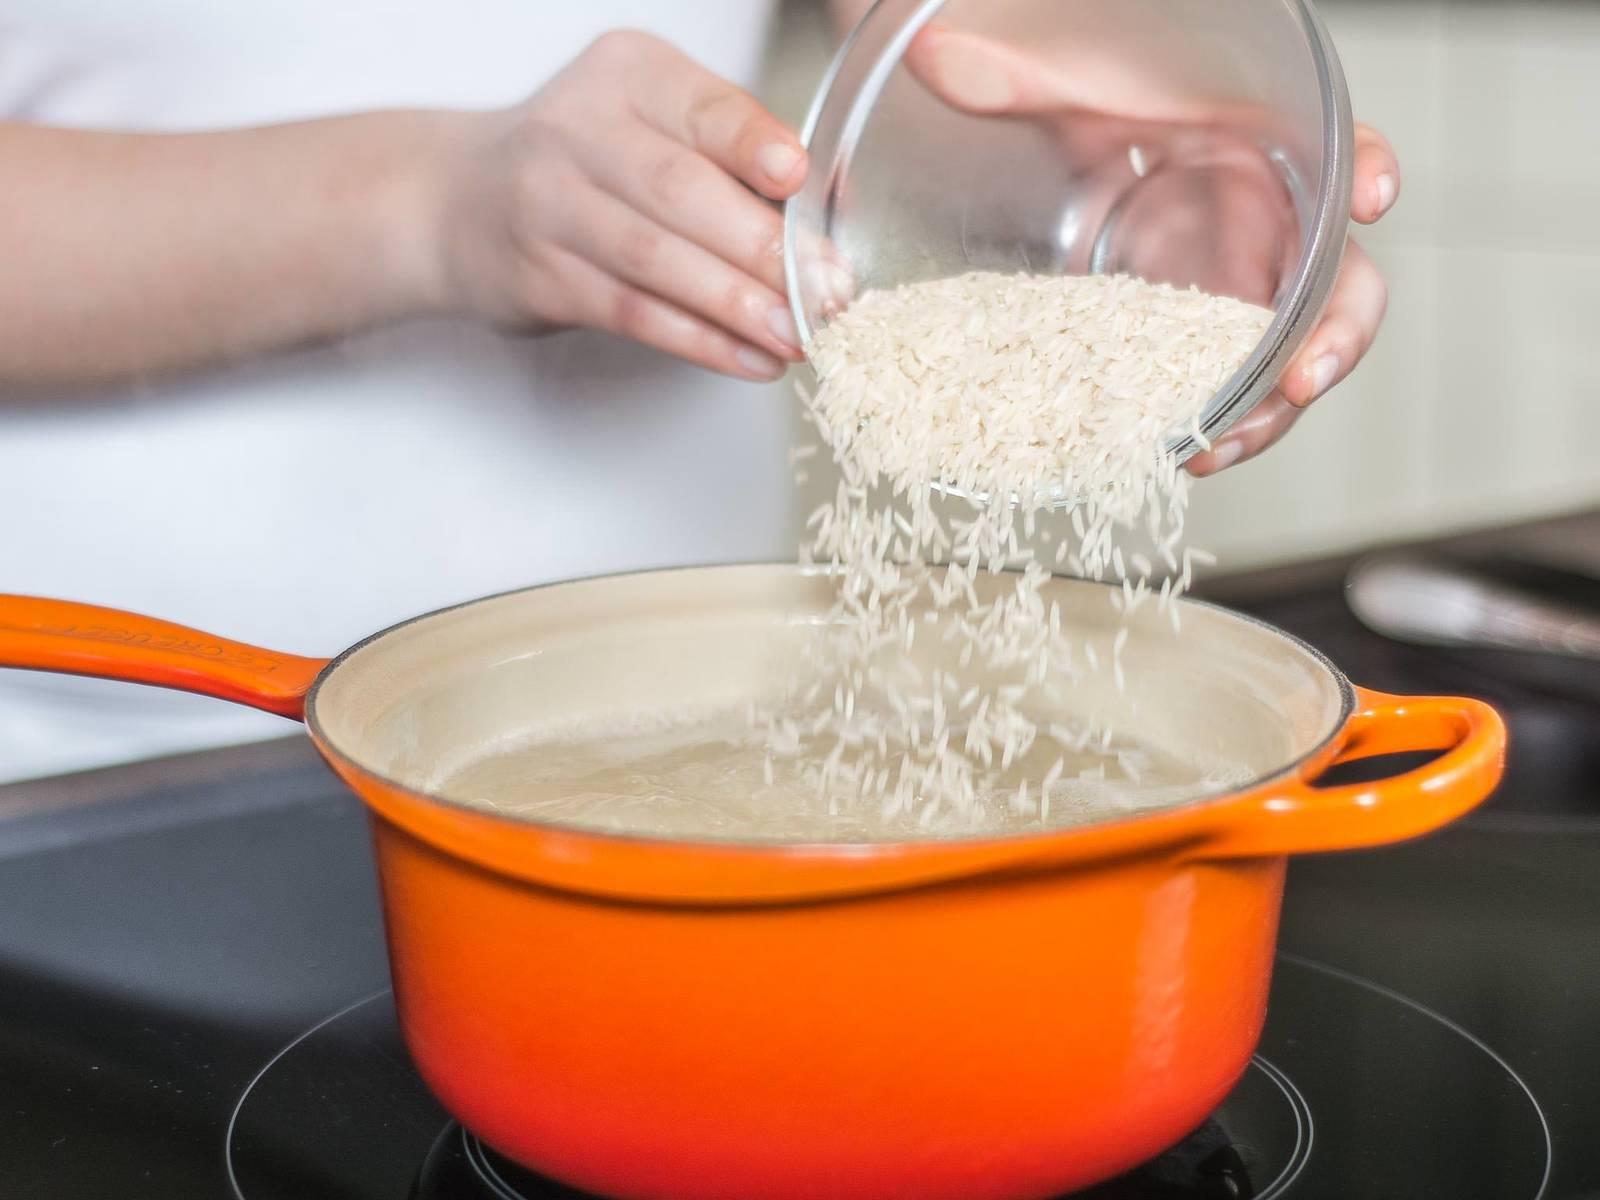 Basmatireis in siedendem, gesalzenem Wasser nach Packungsanleitung gar kochen. Anschließend abgießen und beiseitestellen.